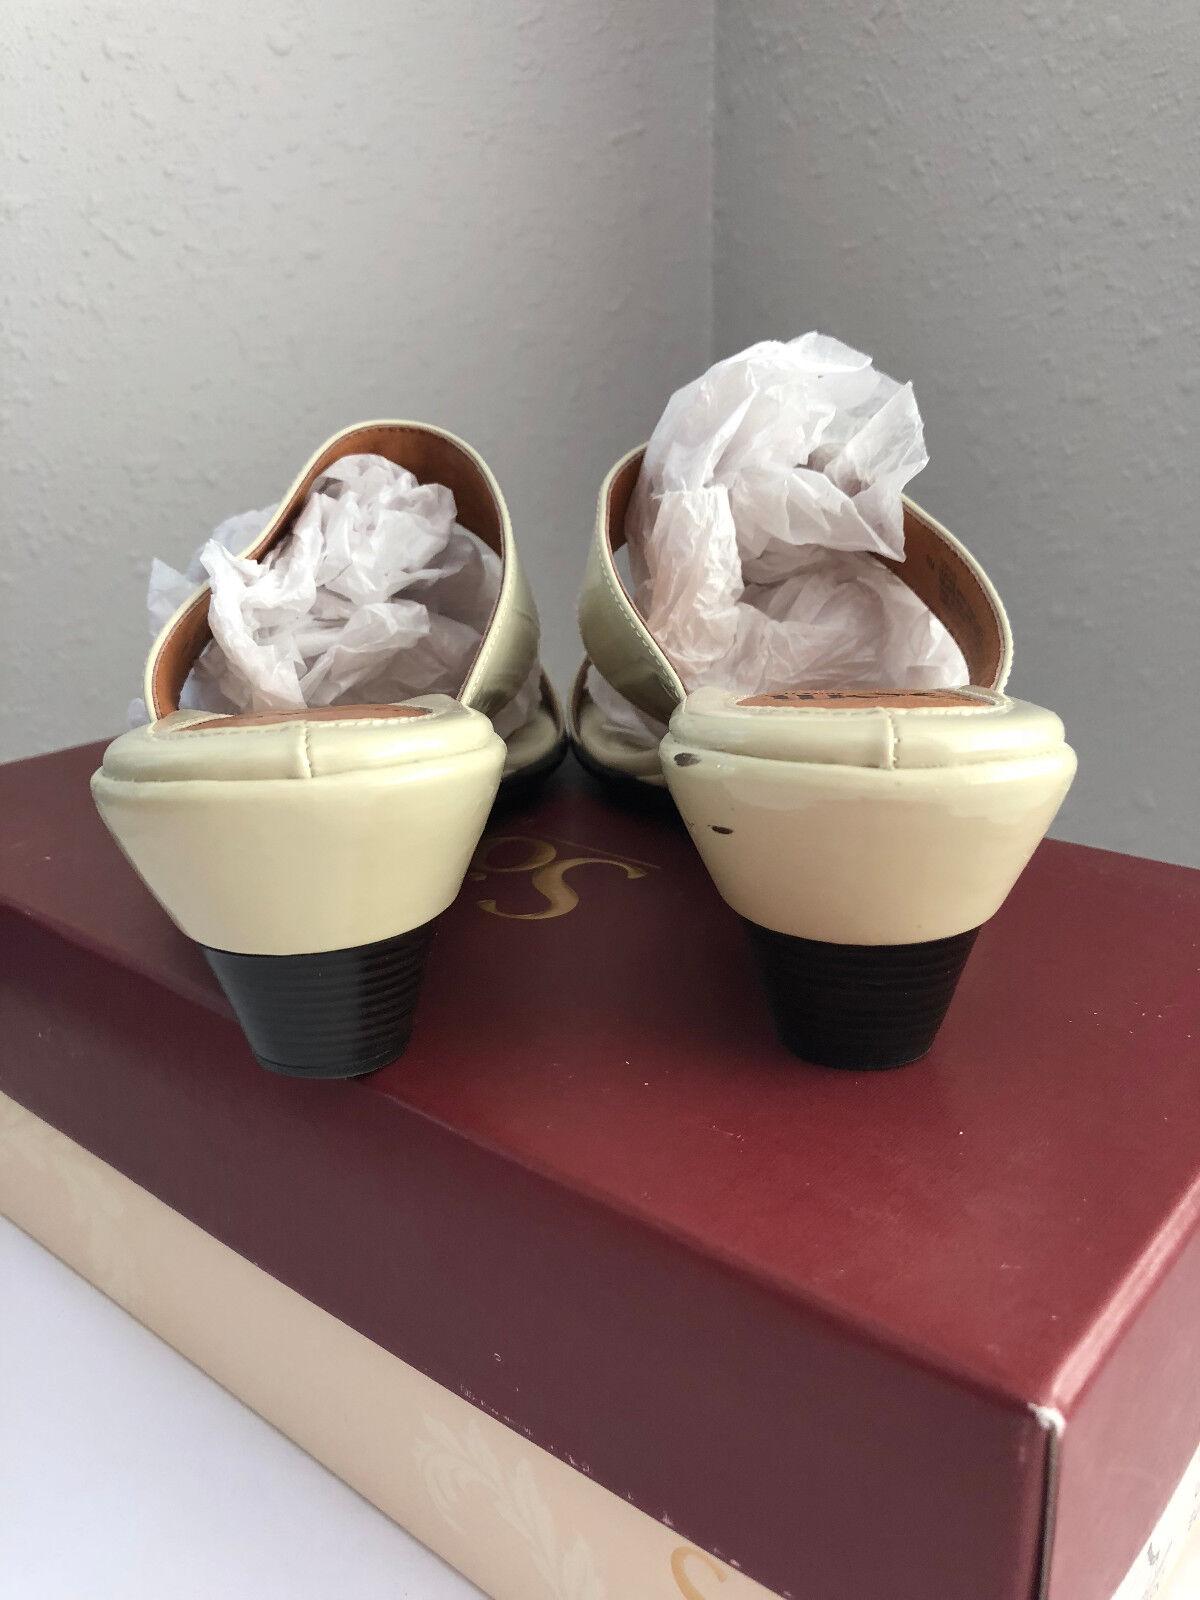 Sofft Sandales Größe 8 Anita Damenschuhe Wedge Schuhes Cream Patent 1237013 Nordstrom